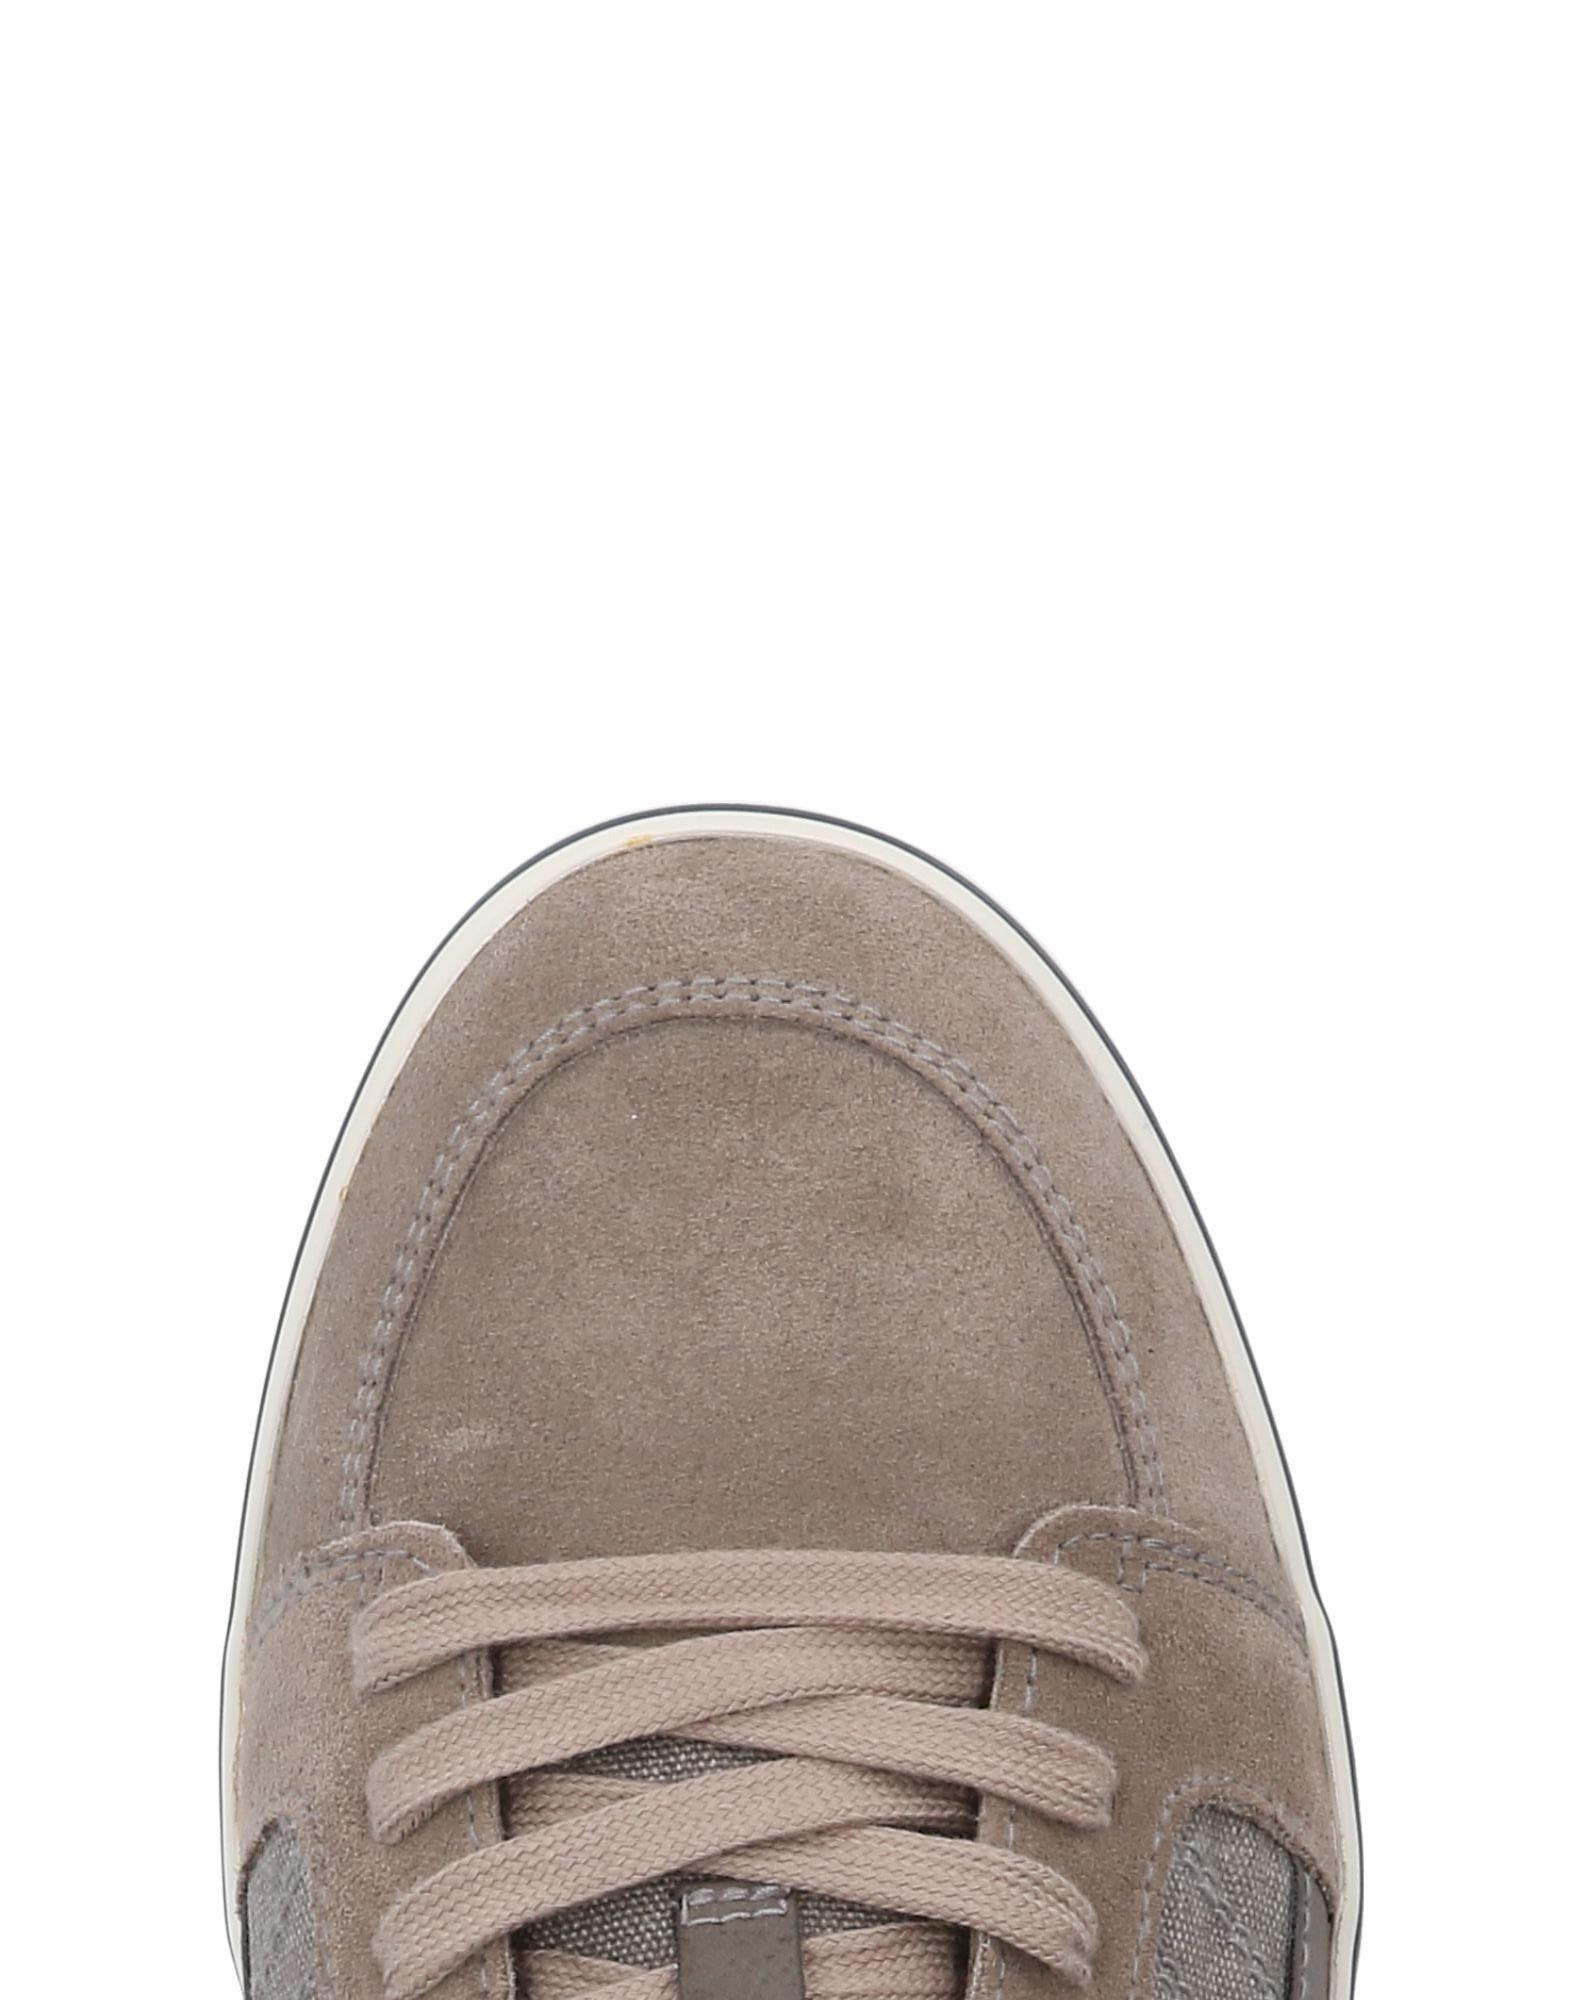 Rabatt Geox echte Schuhe Geox Rabatt Sneakers Herren  11391225UP c6f3b3